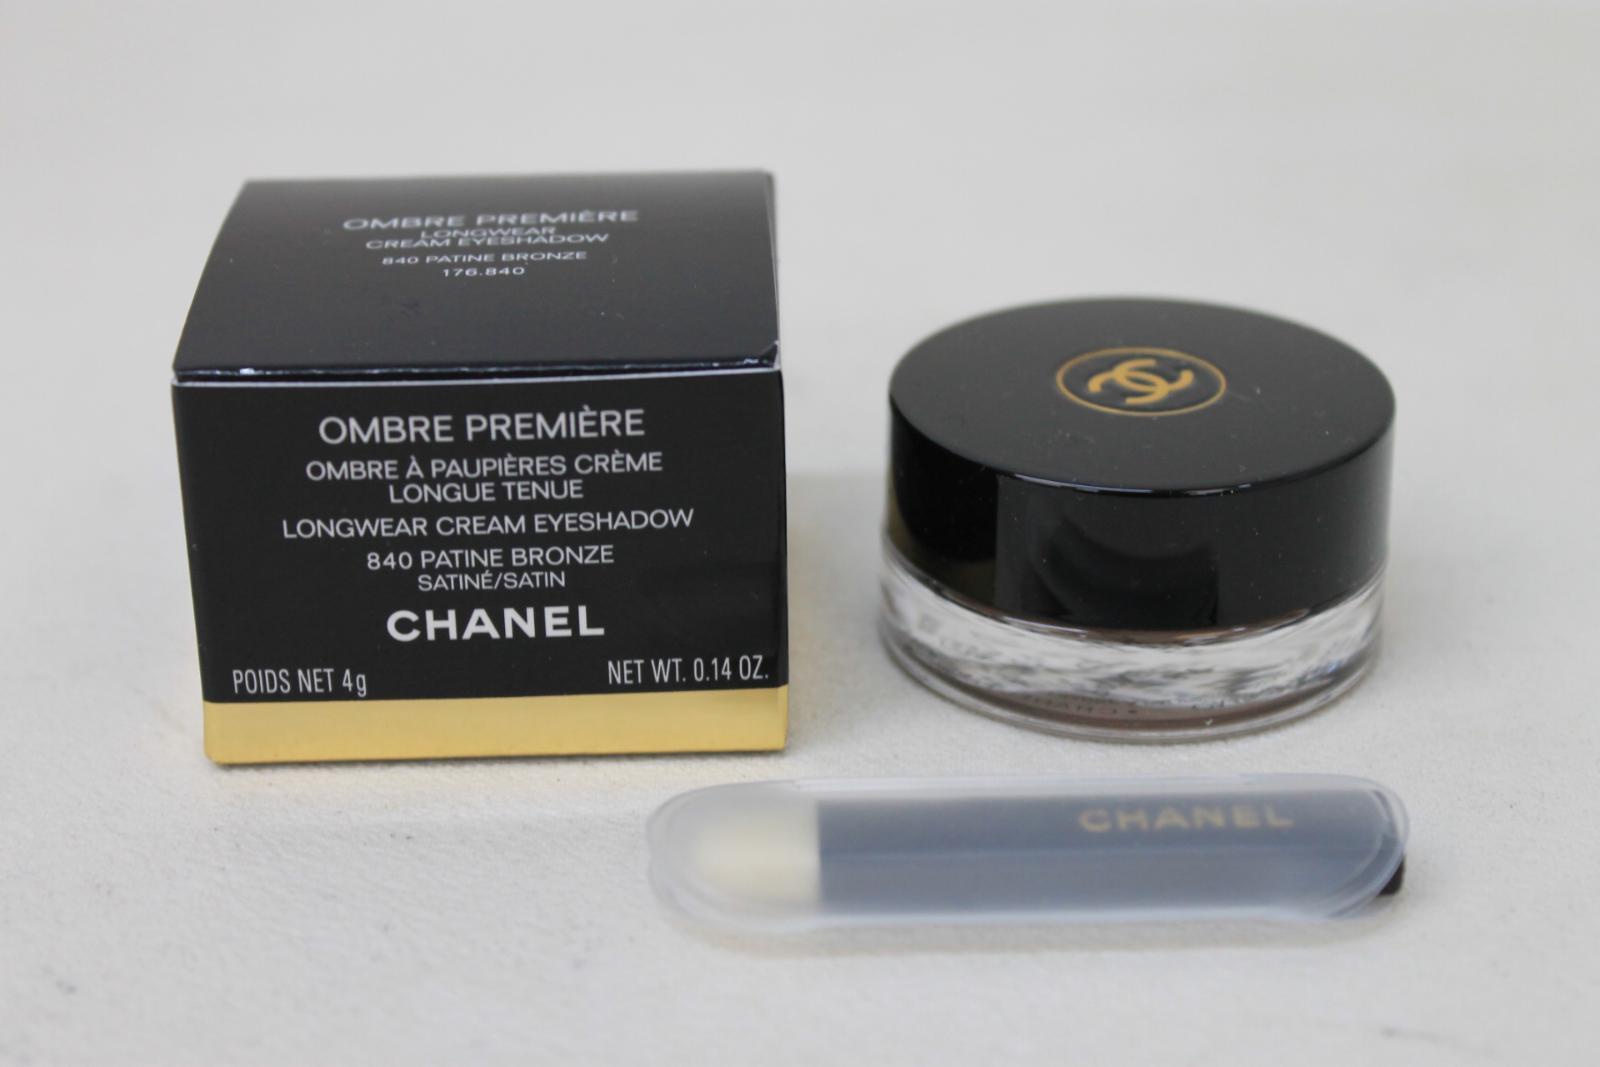 Nuevo-Y-En-Caja-Chanel-Damas-Ombre-Premiere-Longwear-Crema-Sombra-de-Ojos-840-Patine-Bronce miniatura 2